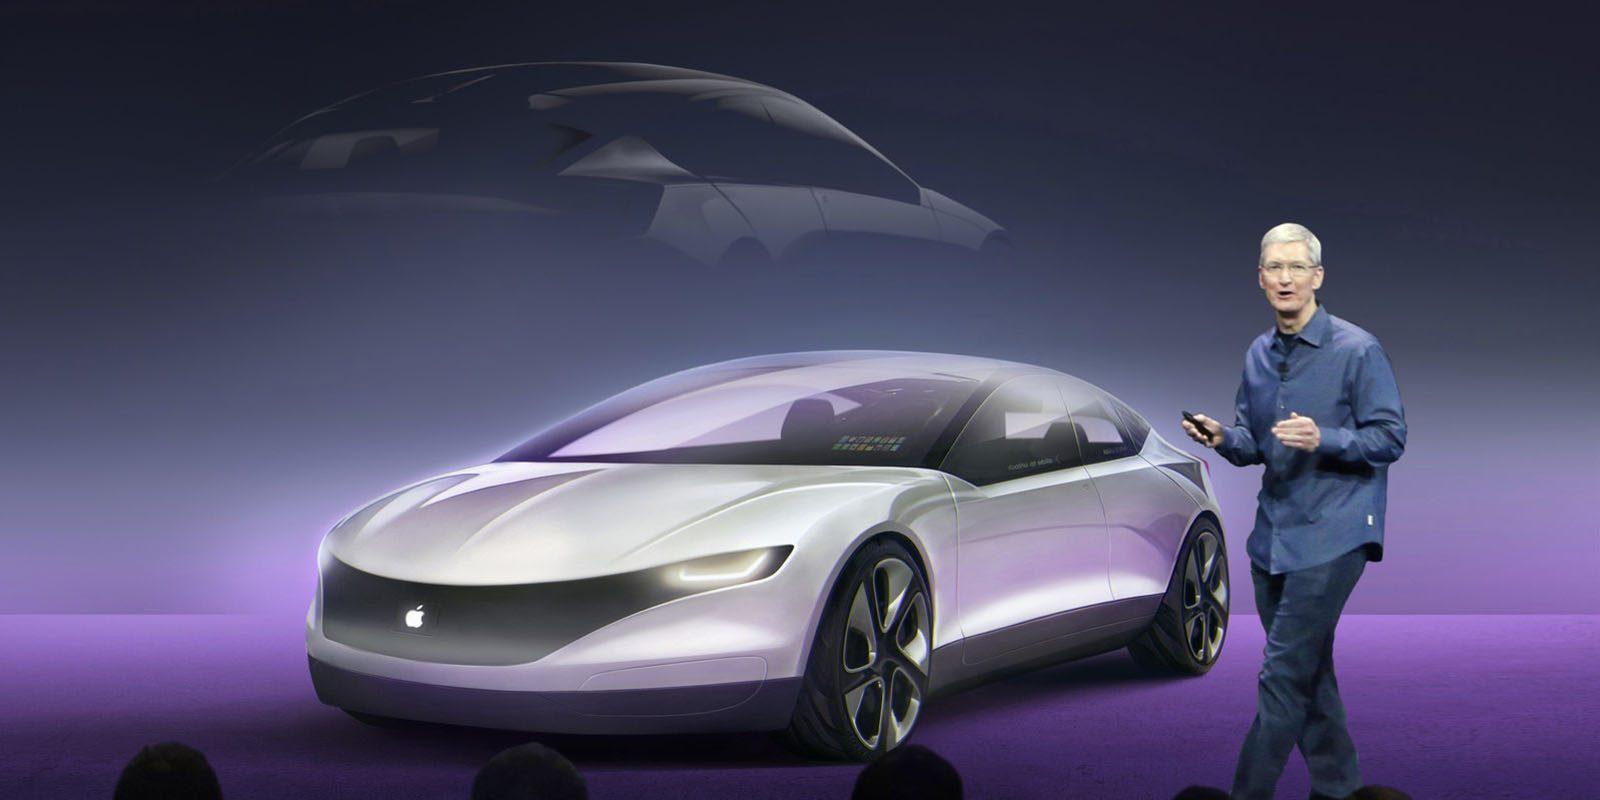 Chân dung Apple Car dựa trên các thông tin đã biết: Thiết kế, cấu hình, giá  bán và ngày ra mắt   Sforum